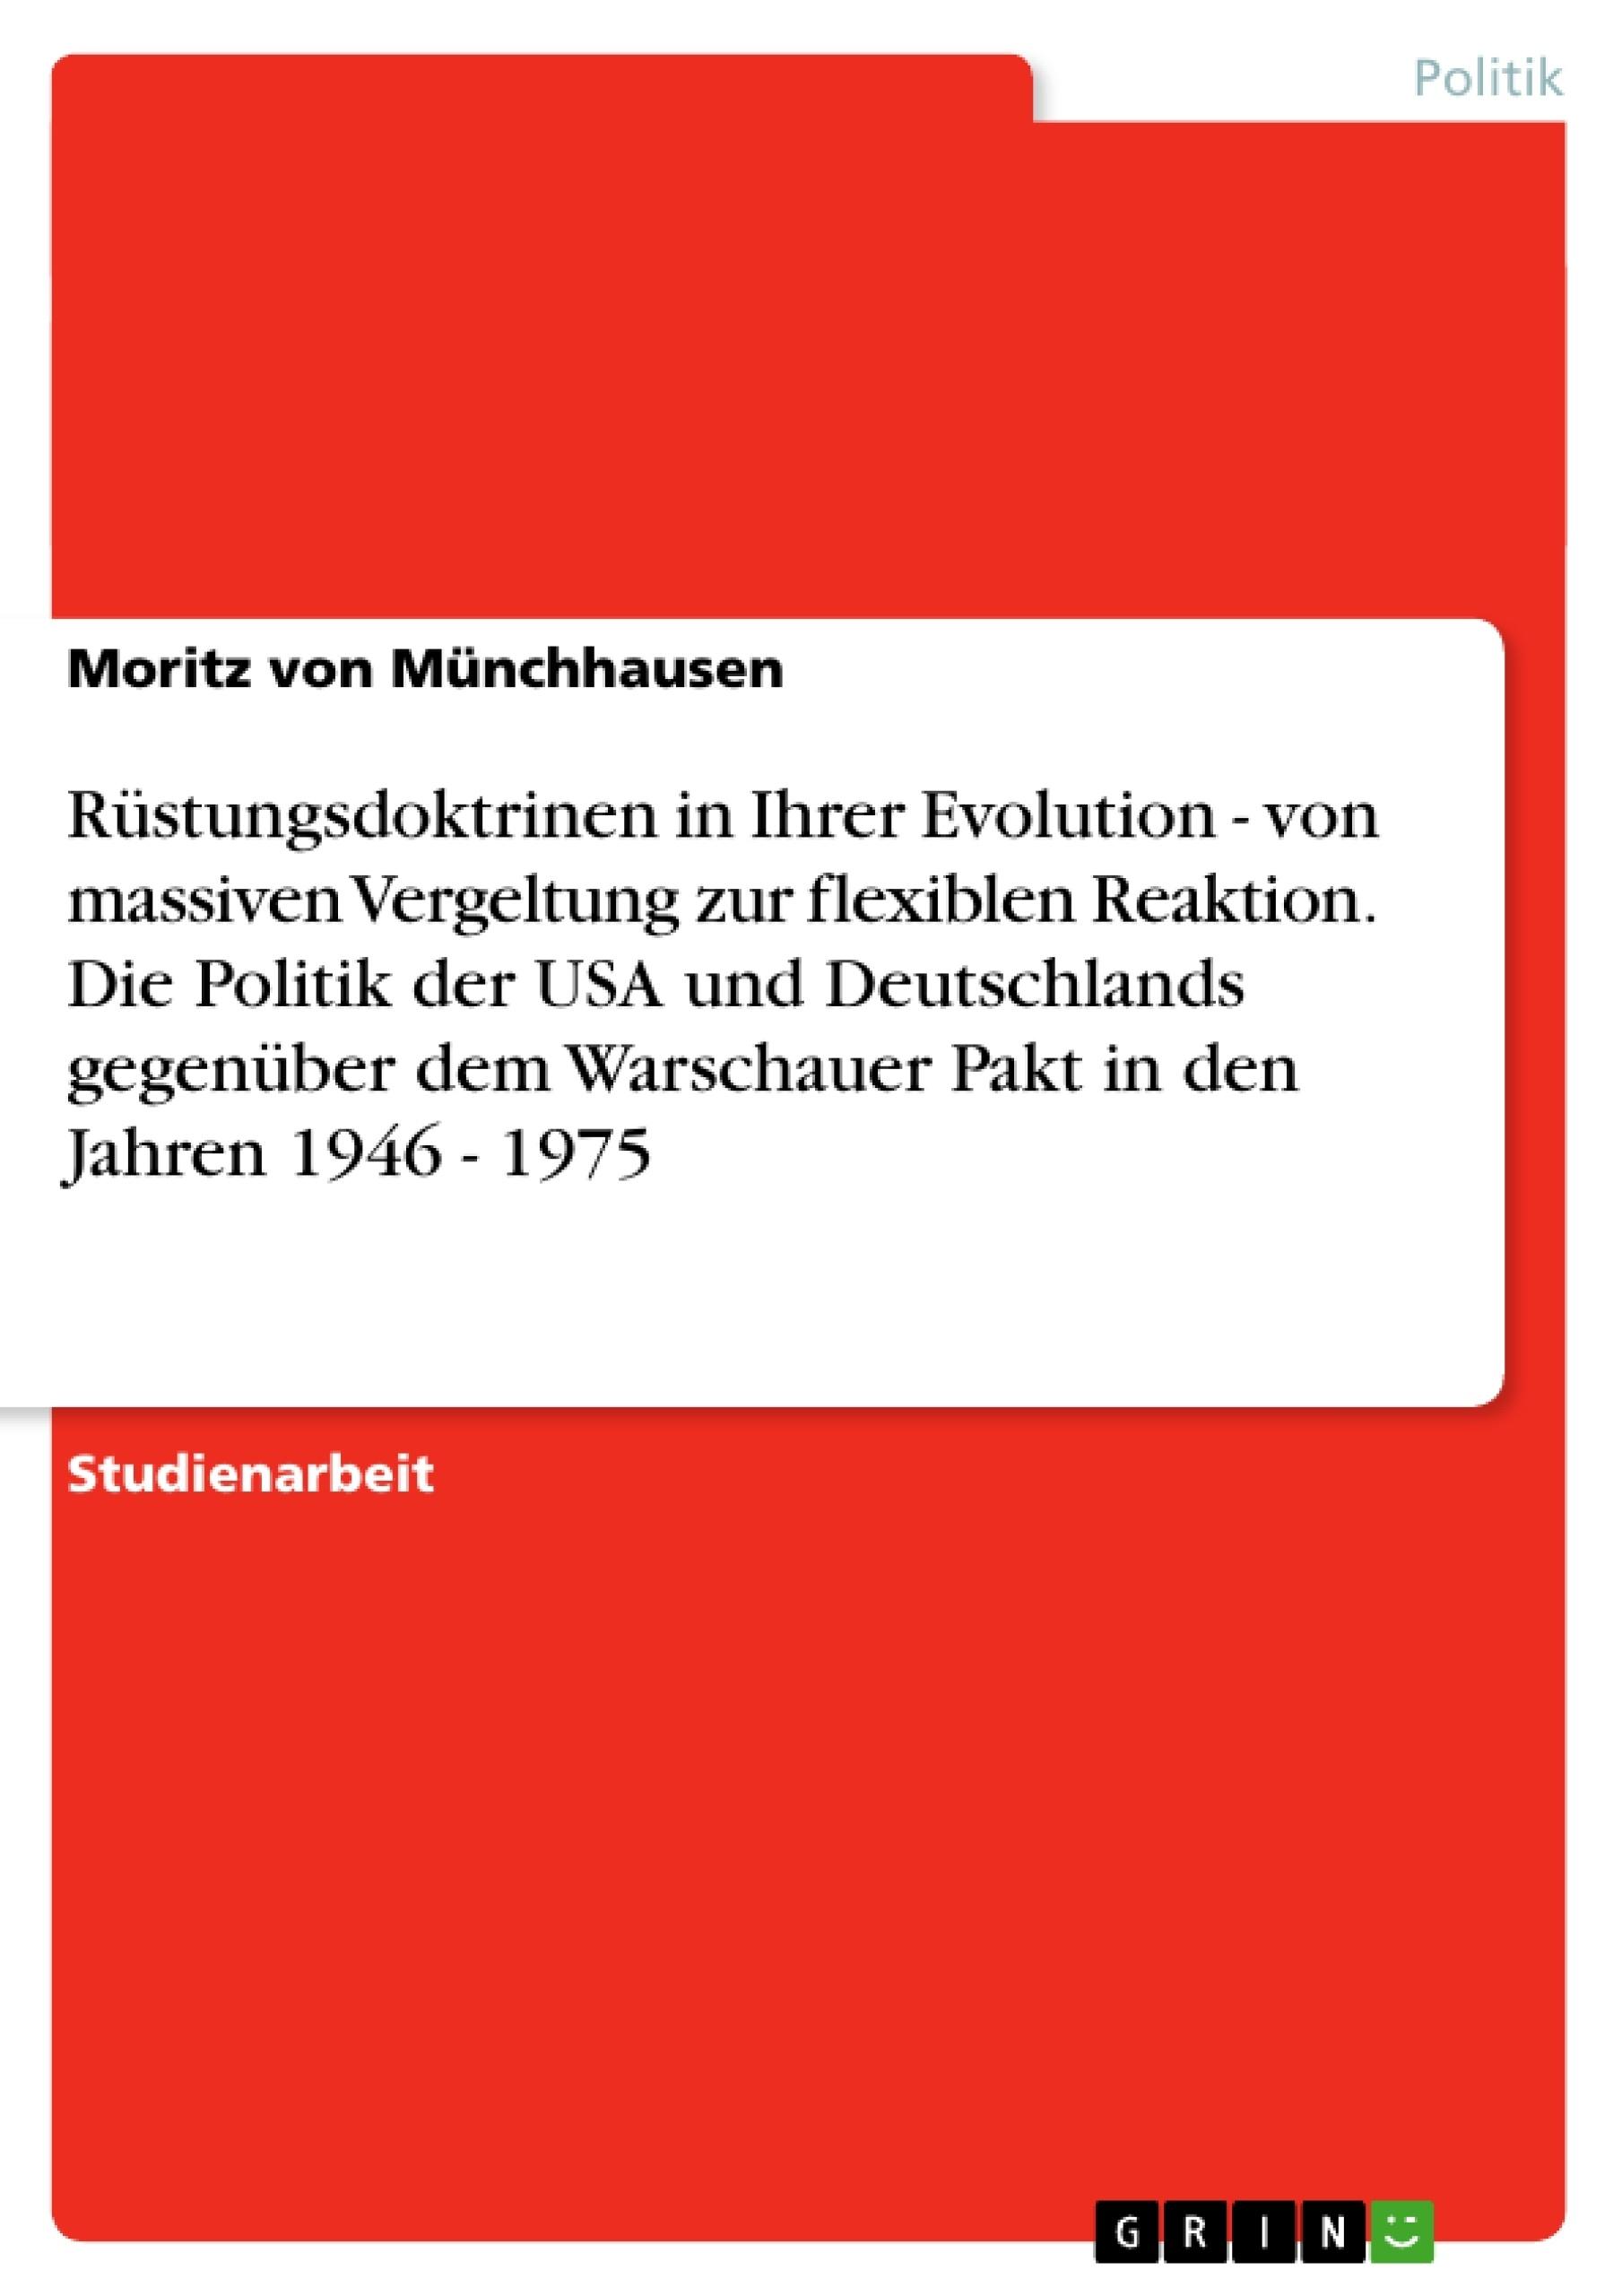 Titel: Rüstungsdoktrinen in Ihrer Evolution - von massiven Vergeltung zur flexiblen Reaktion. Die Politik der USA und Deutschlands gegenüber dem Warschauer Pakt in den Jahren 1946 - 1975